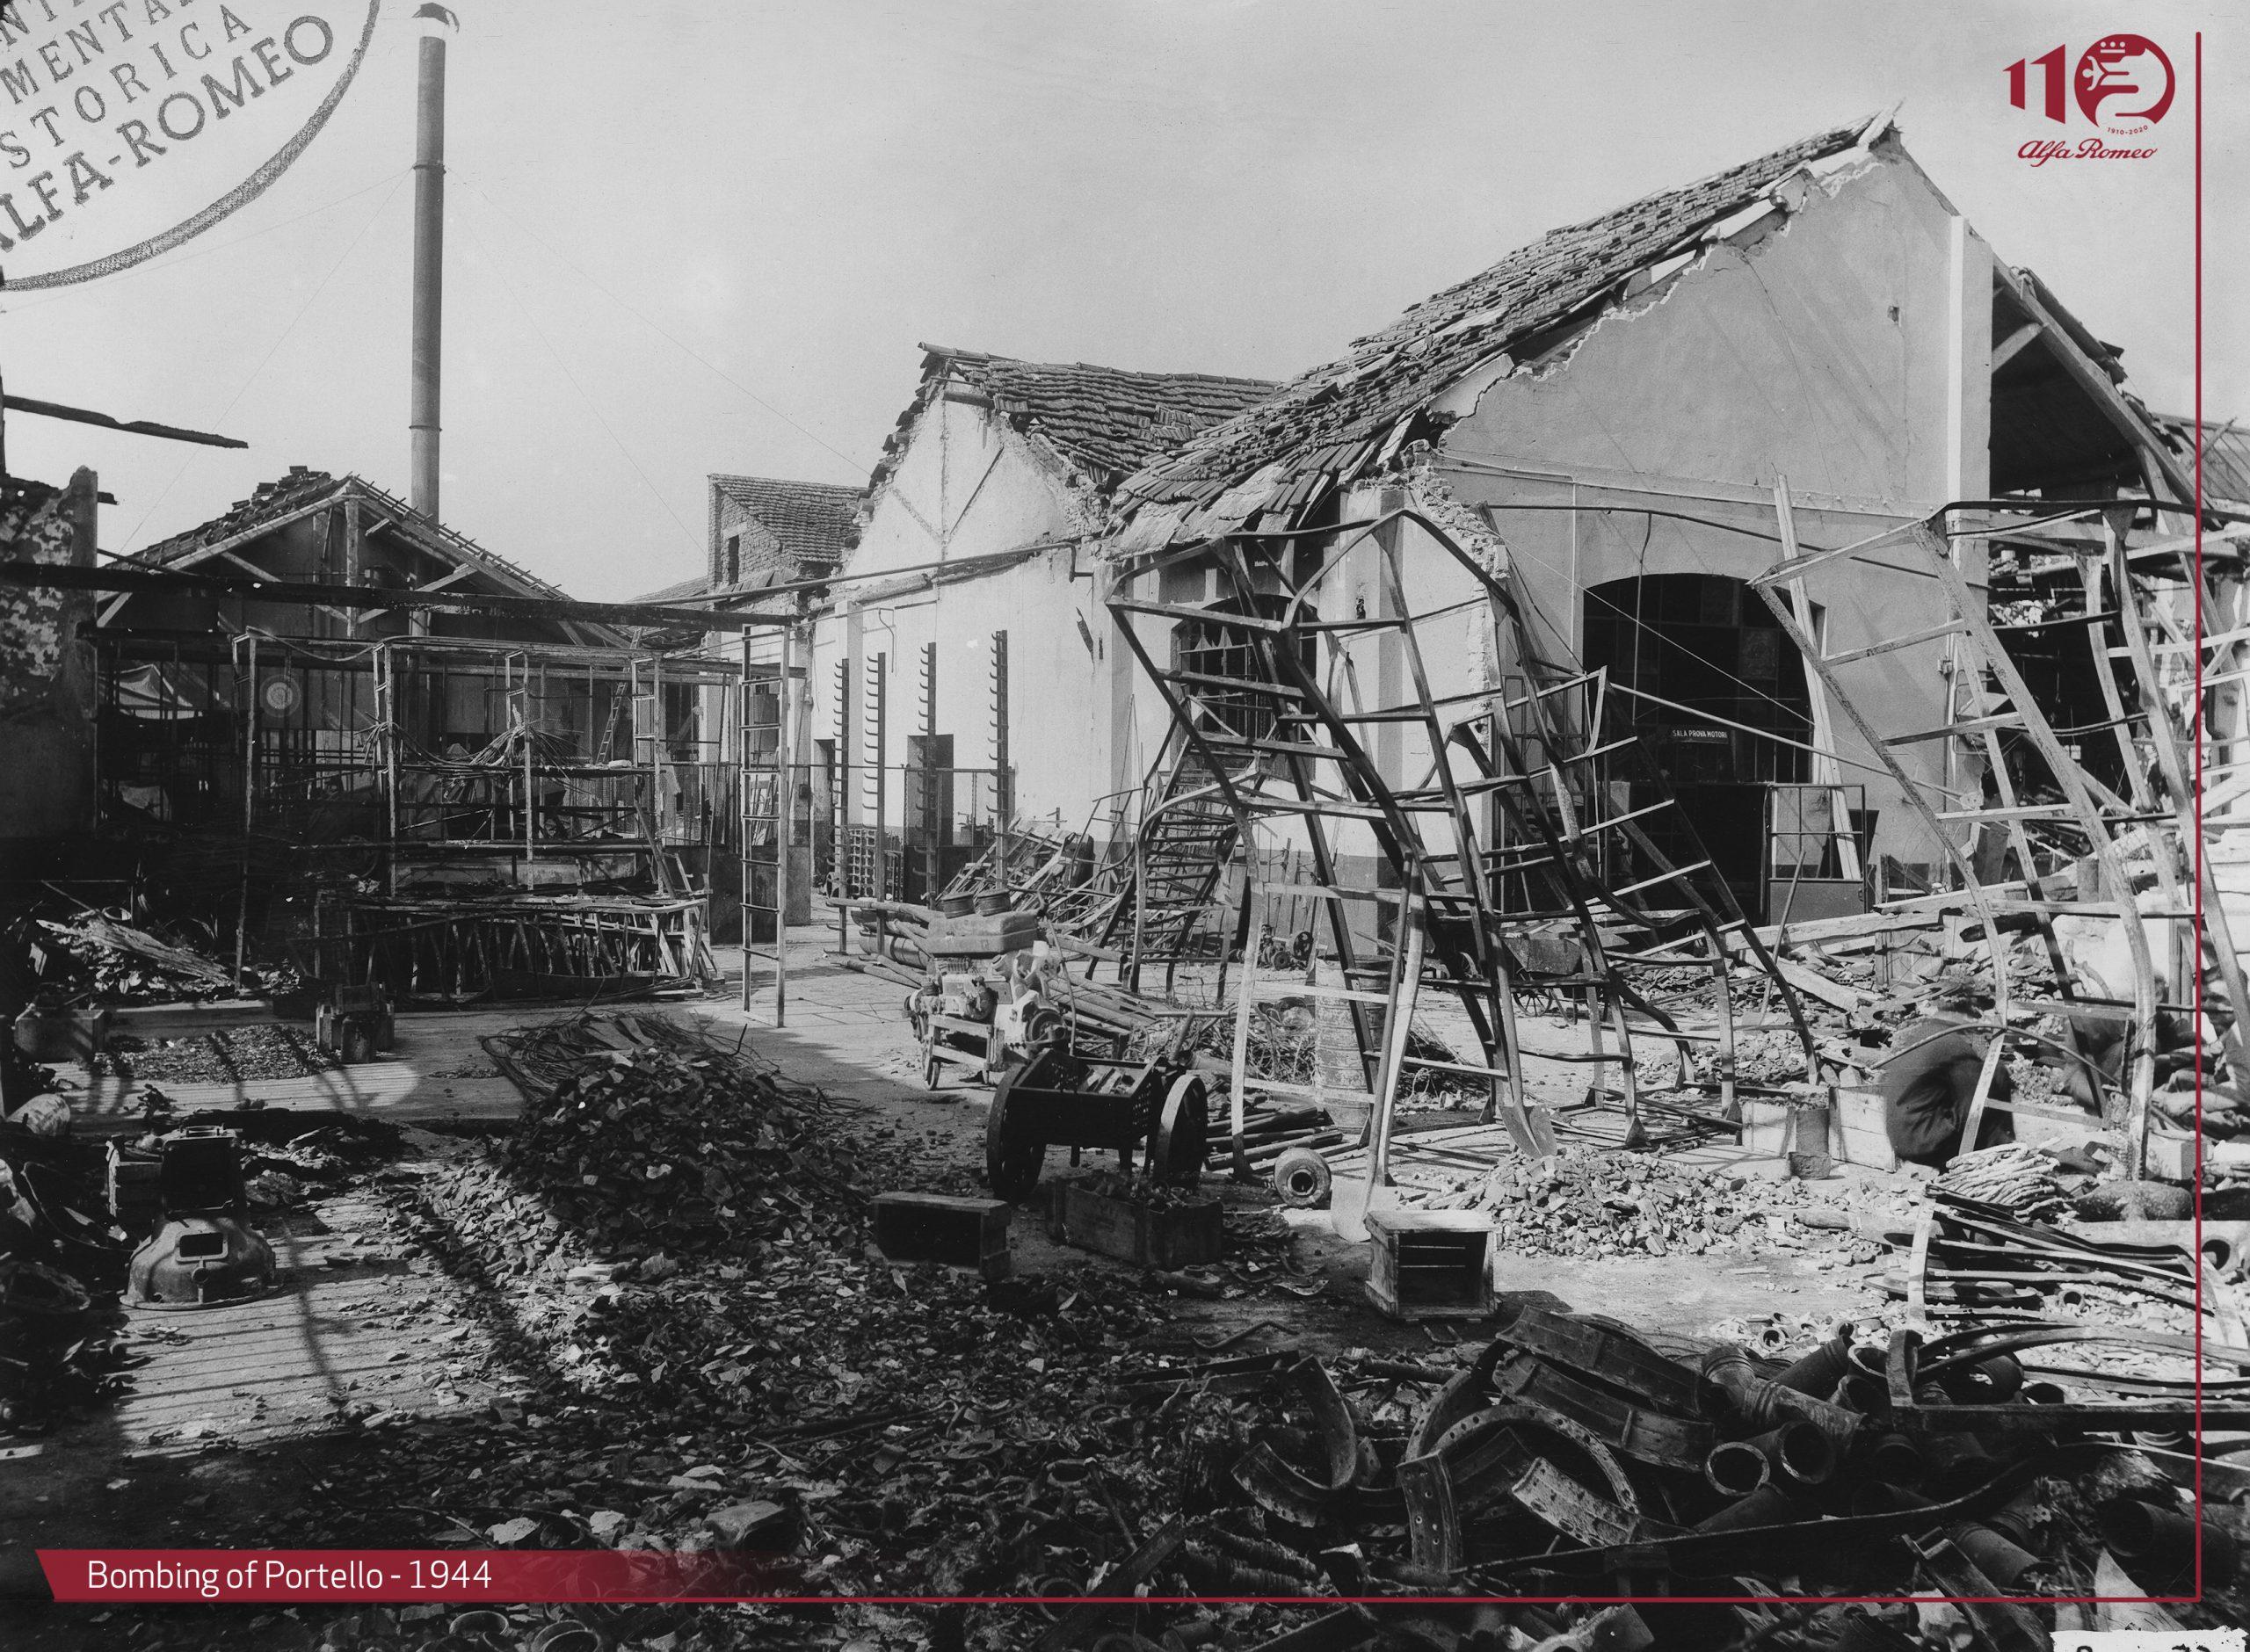 Seconda guerra mondiale: bombardamenti al Portello